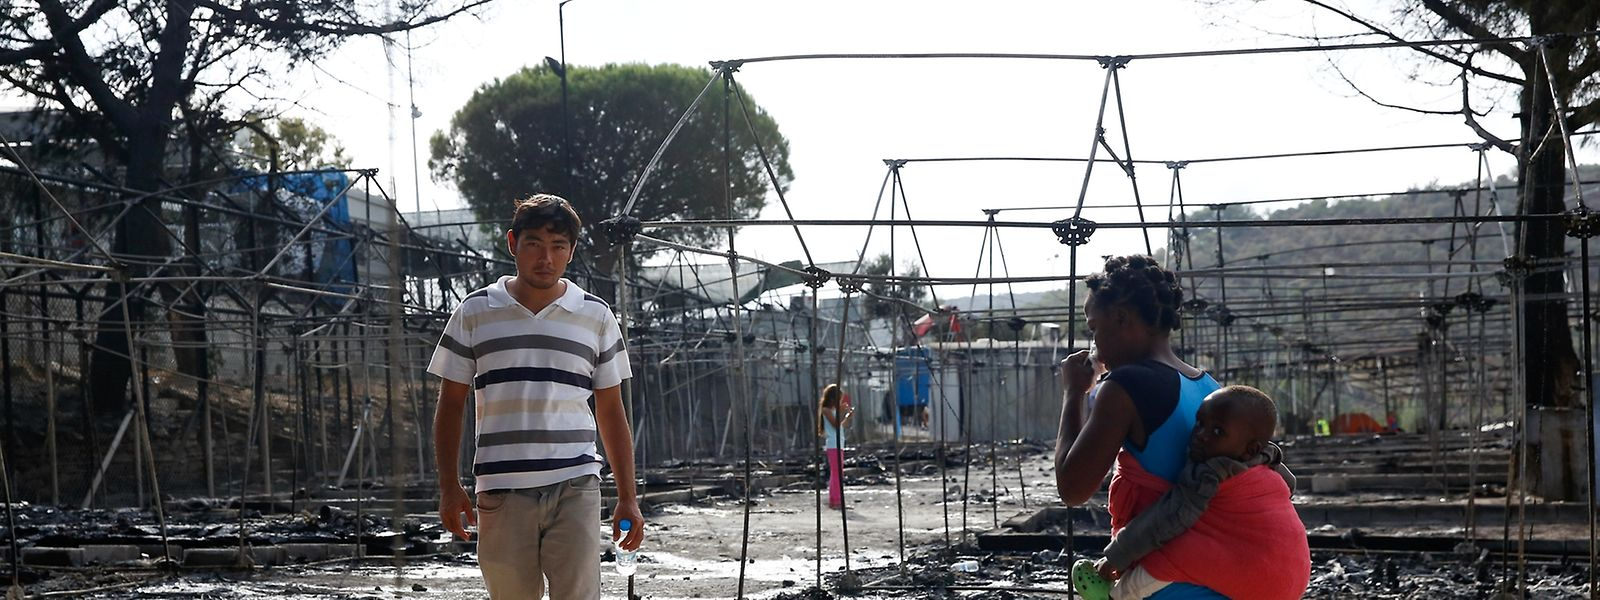 Tausende Flüchtlinge mussten vor den Flammen fliehen, die das Lager zerstörten.